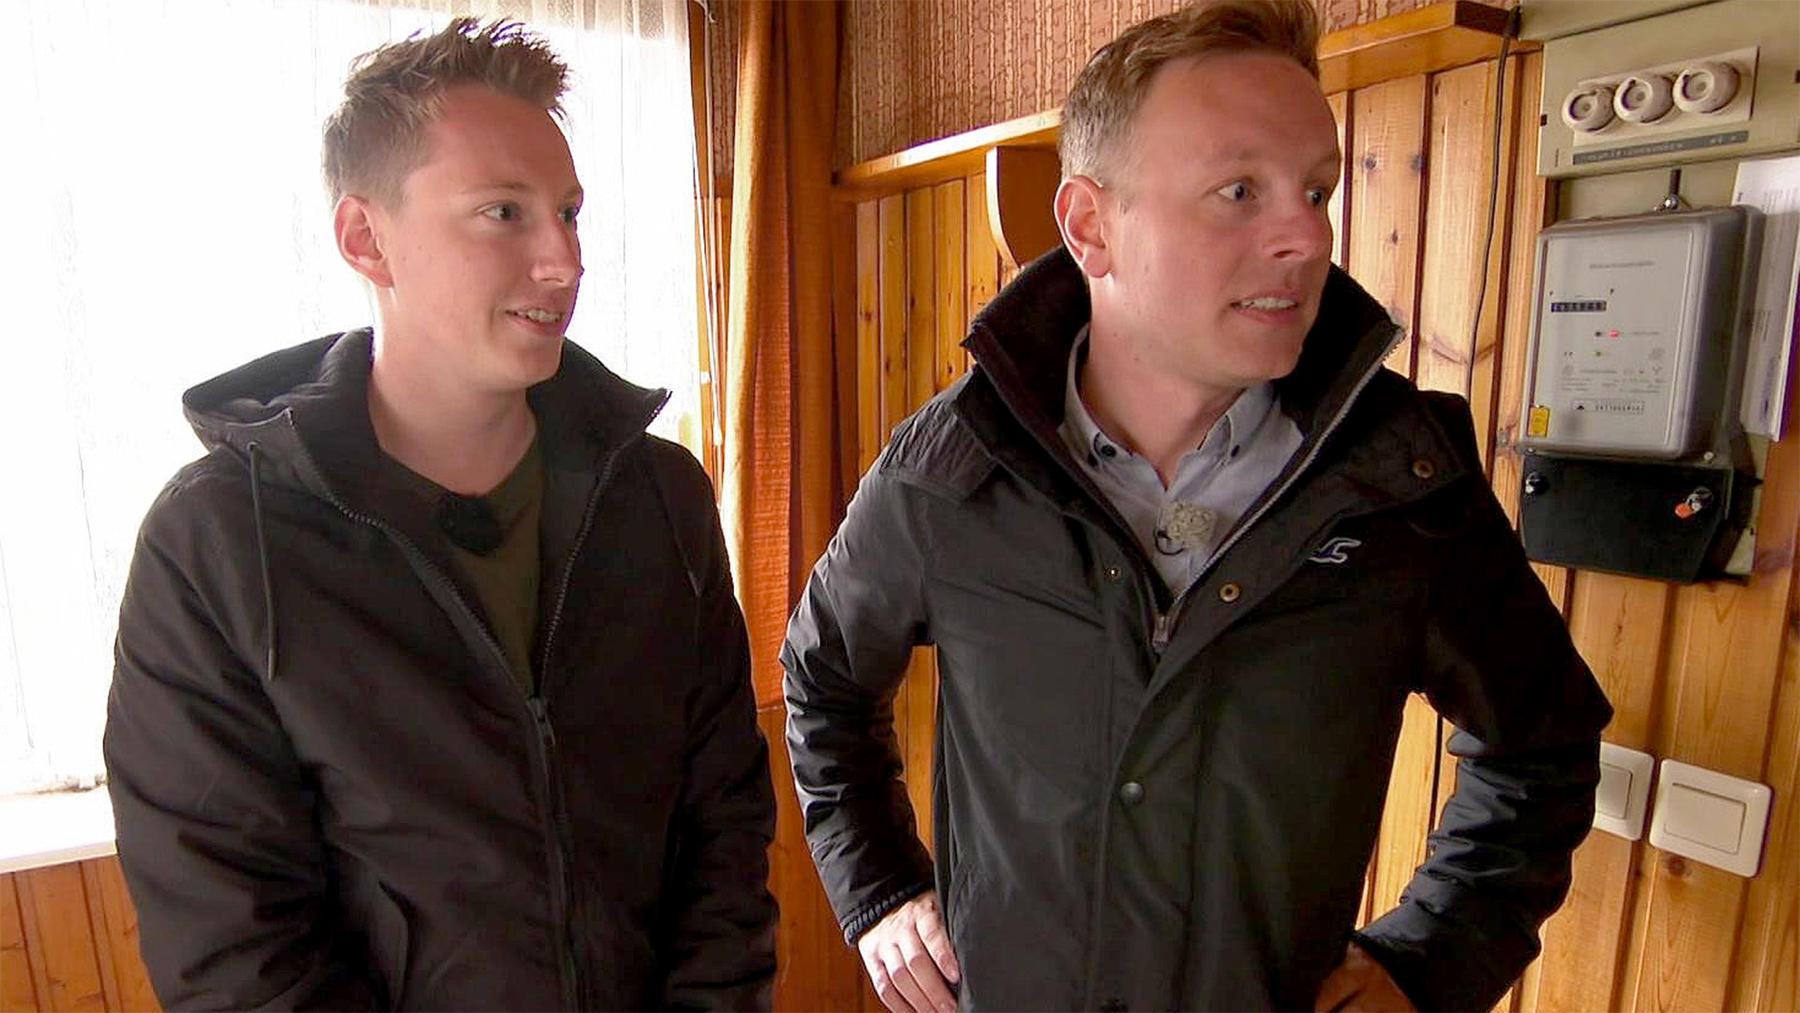 Heute u.a.: Haussanierung mit Marcel und Chris